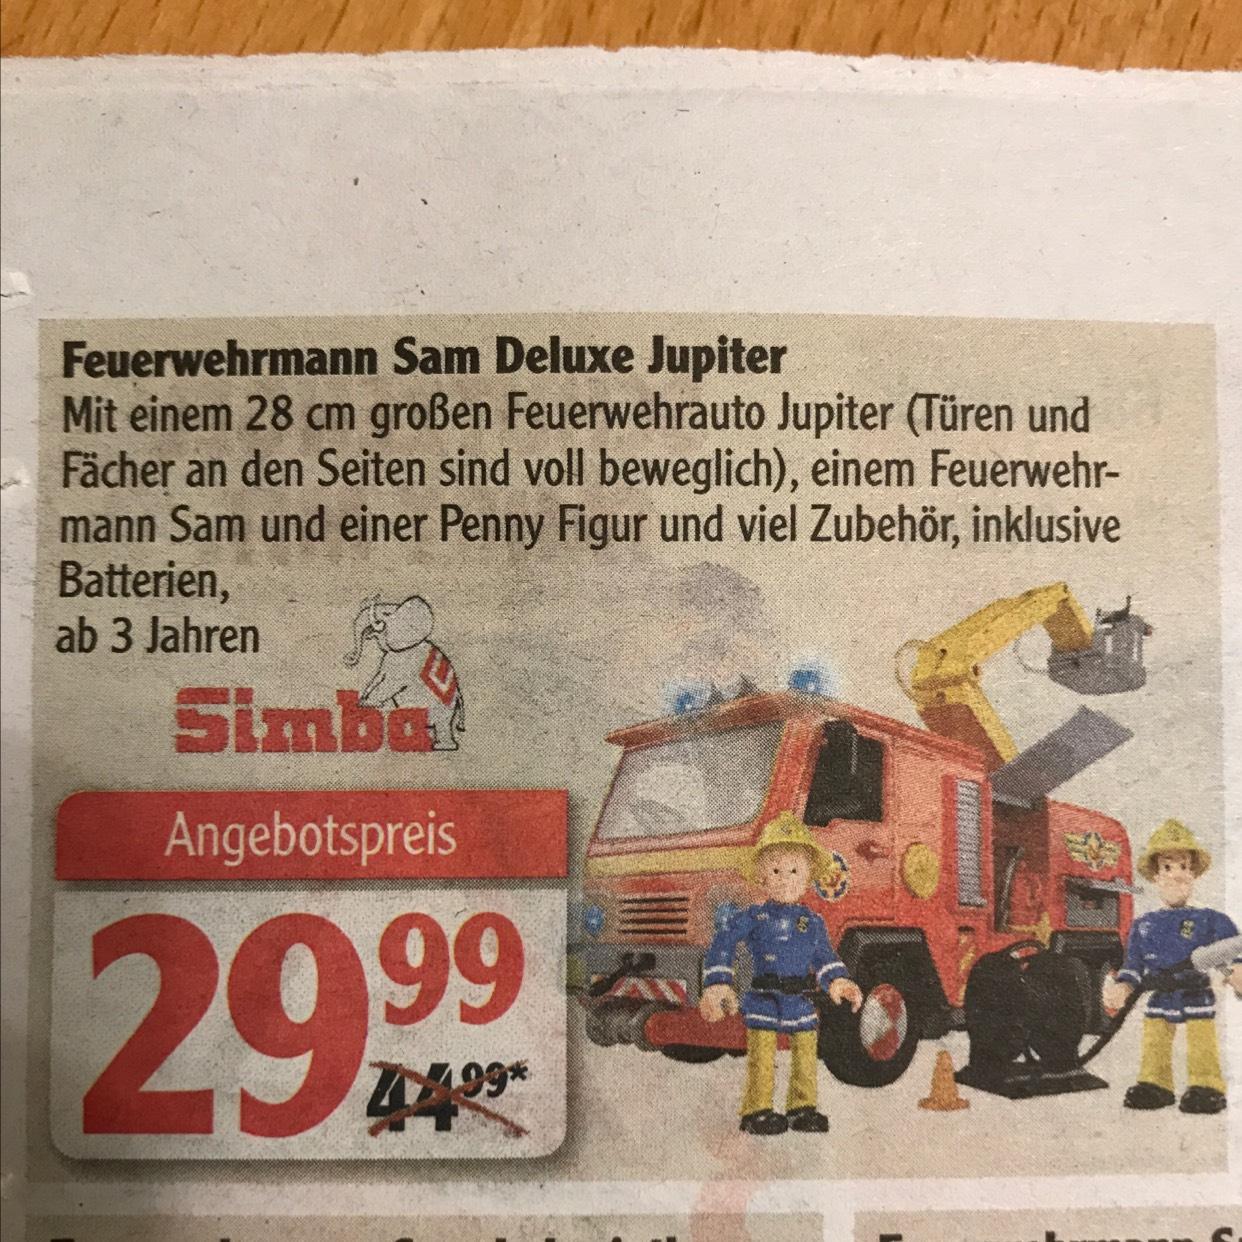 [Lokal Globus Lahnstein, Koblenz] Simba Toys Feuerwehrmann Sam Jupiter